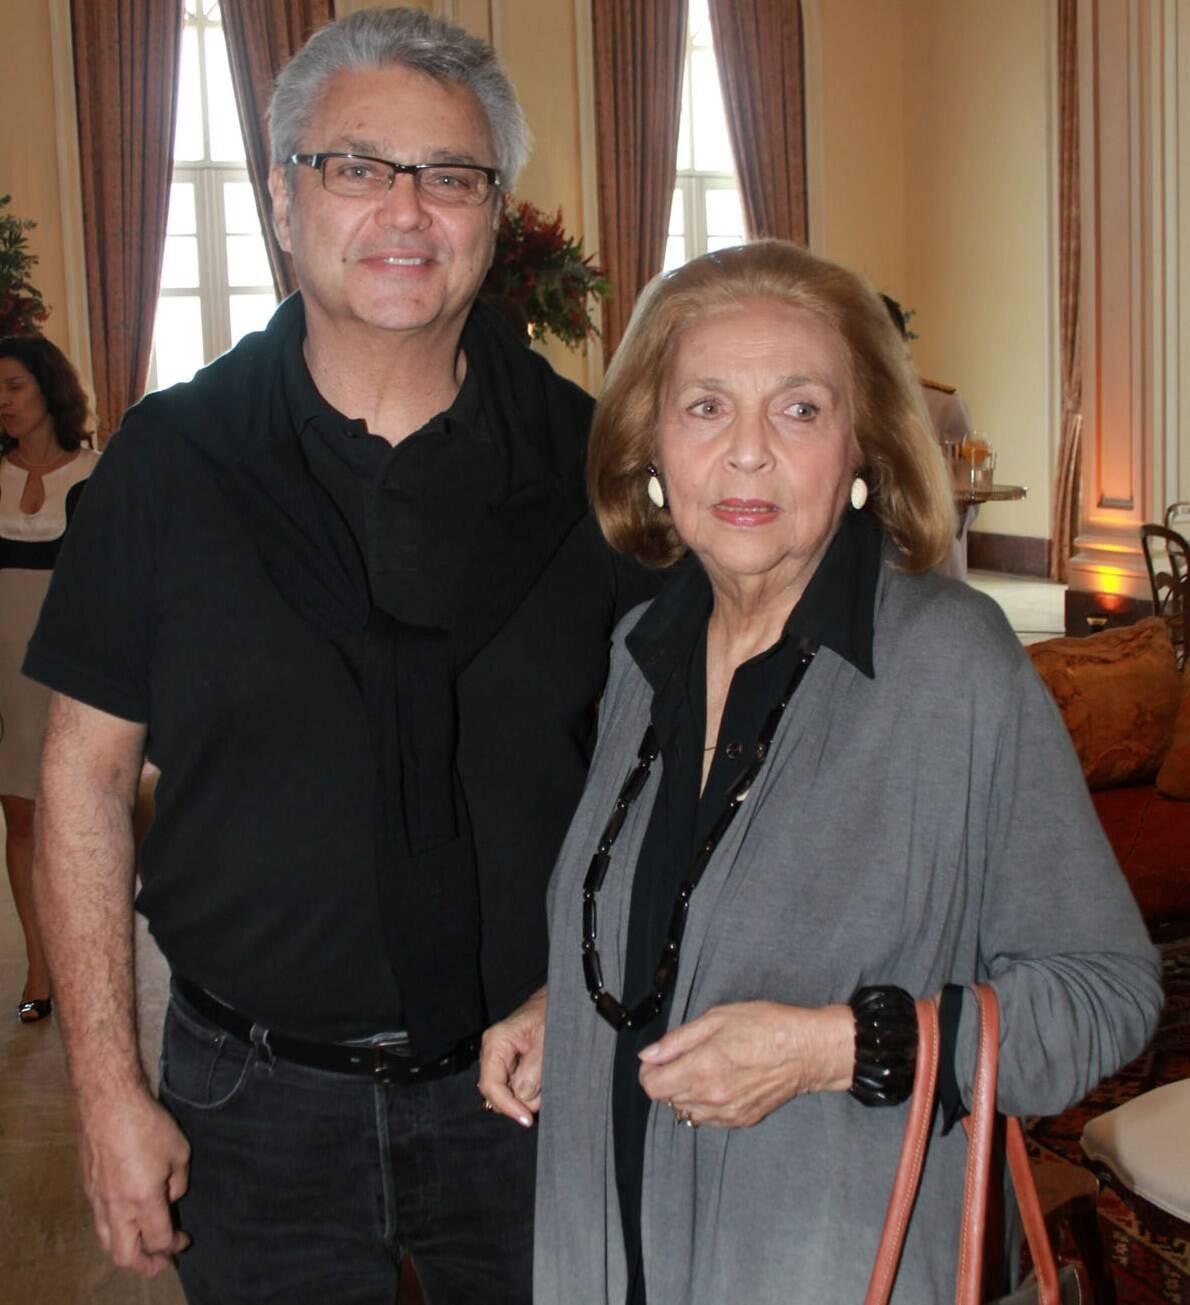 Pedro Paranaguá (1953-2018) e Glorinha Paranaguá em 2011 /Foto: Arquivo site Lu Lacerda